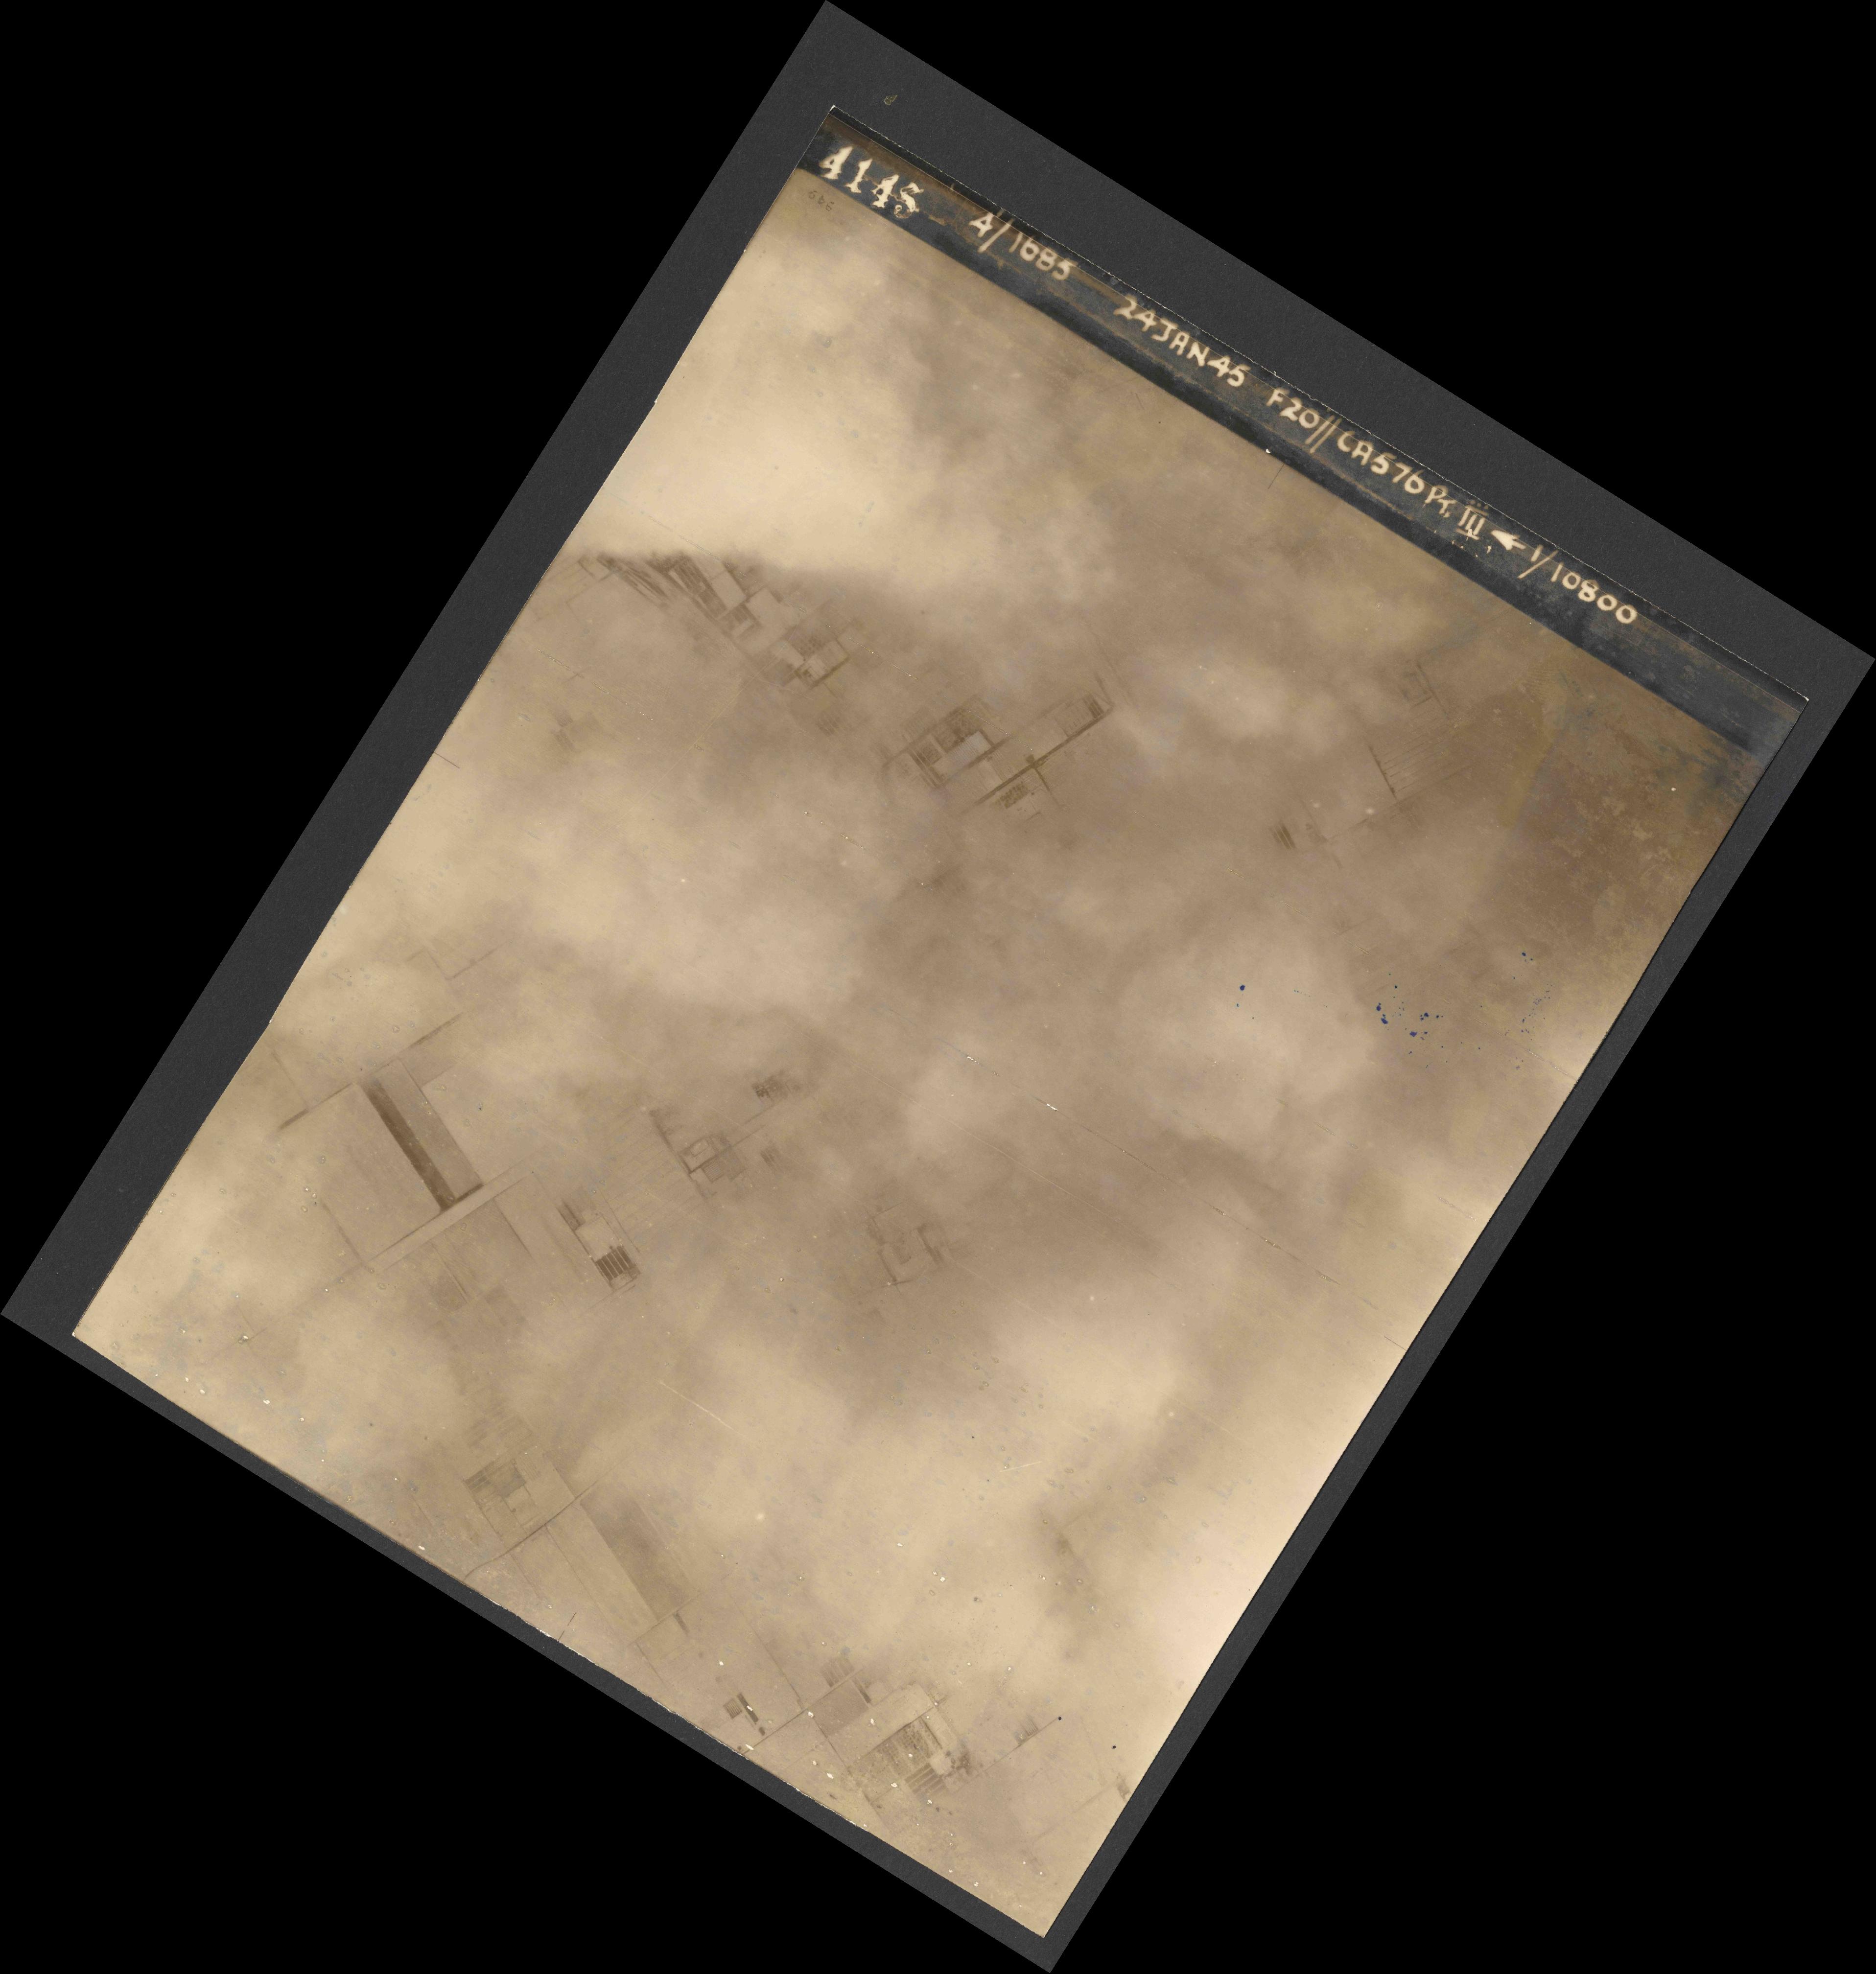 Collection RAF aerial photos 1940-1945 - flight 086, run 01, photo 4145